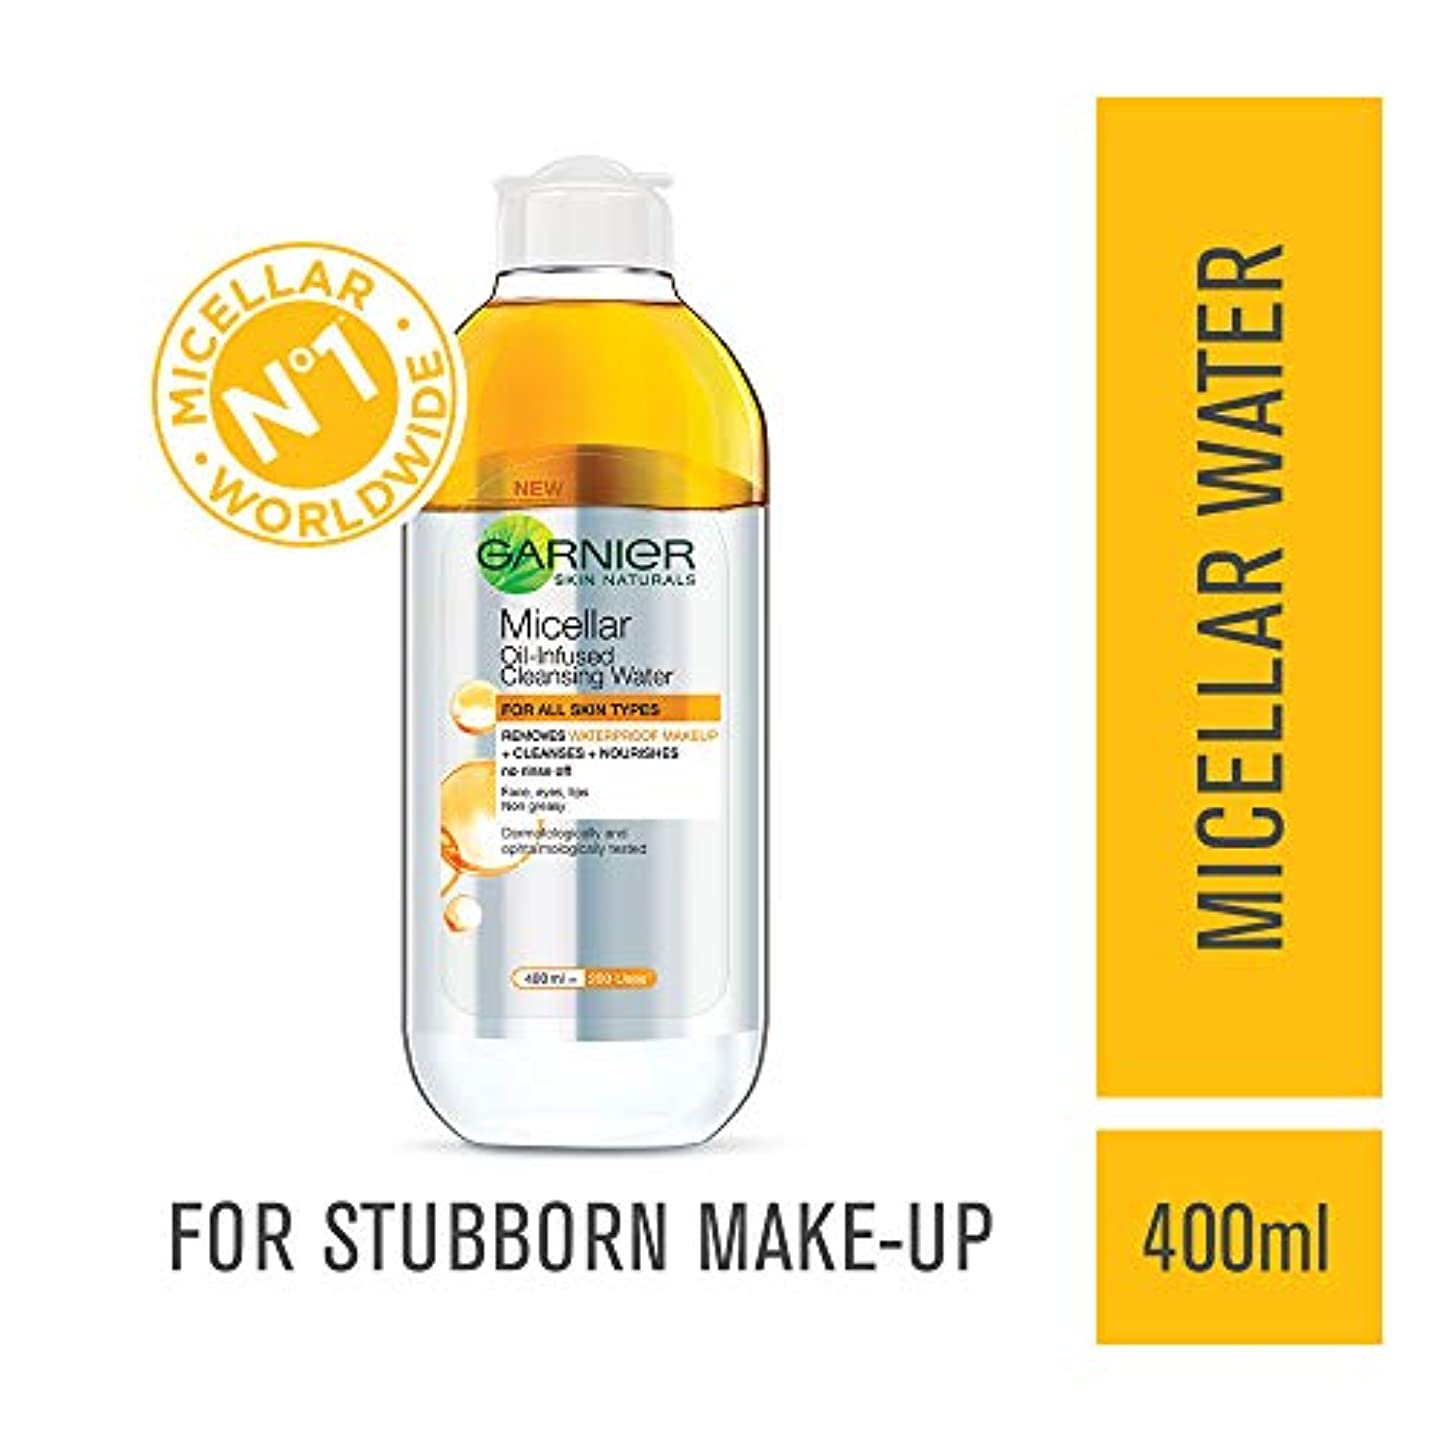 決してソファー宣教師Garnier Skin Naturals, Micellar Oil-Infused Cleansing Water, 400ml